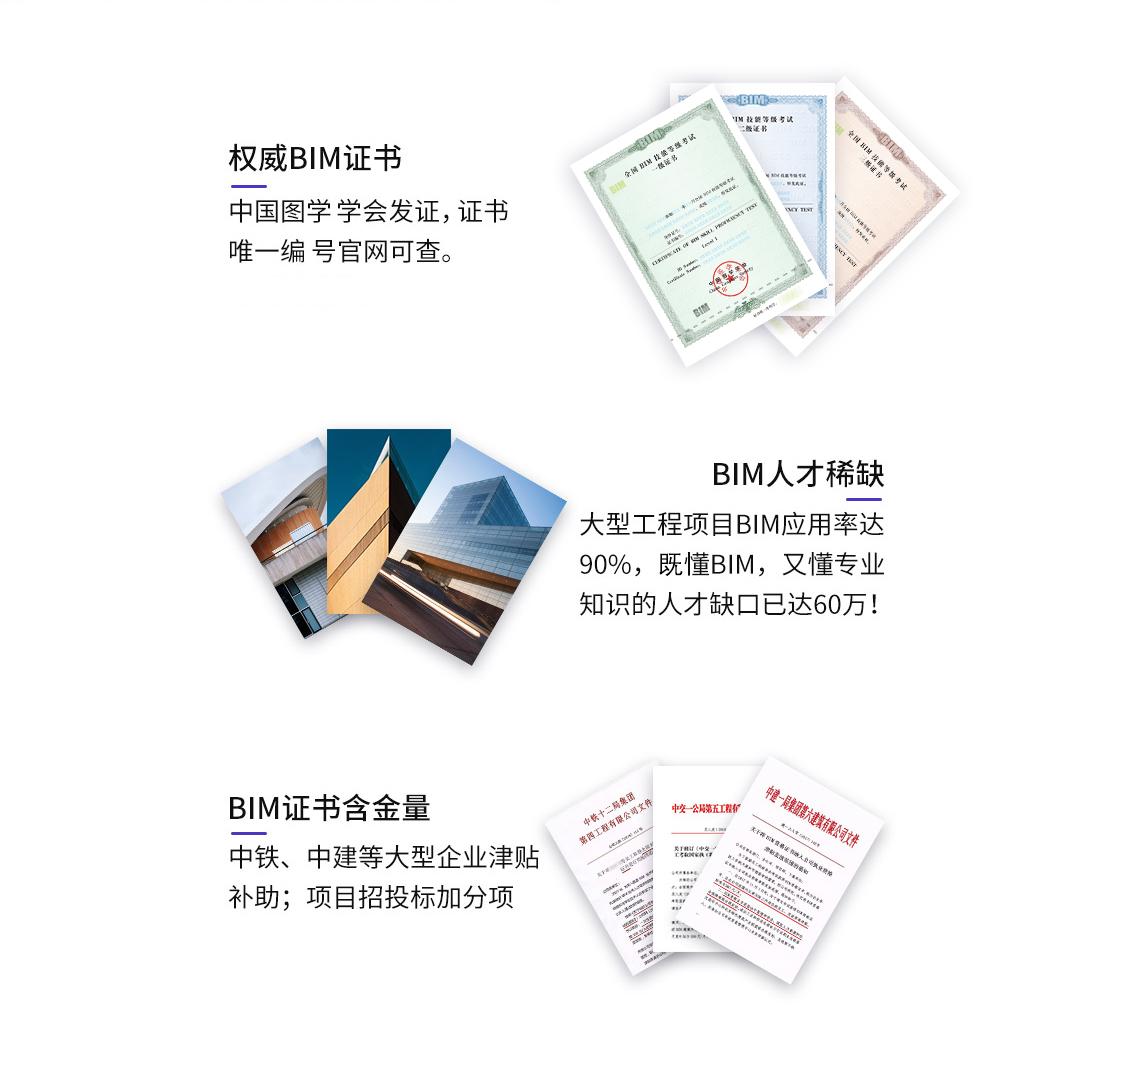 中国图学学会举办的BIM等级考试目前是社会认可度高的BIM考试,所颁发的证书也是含金量高的证书。